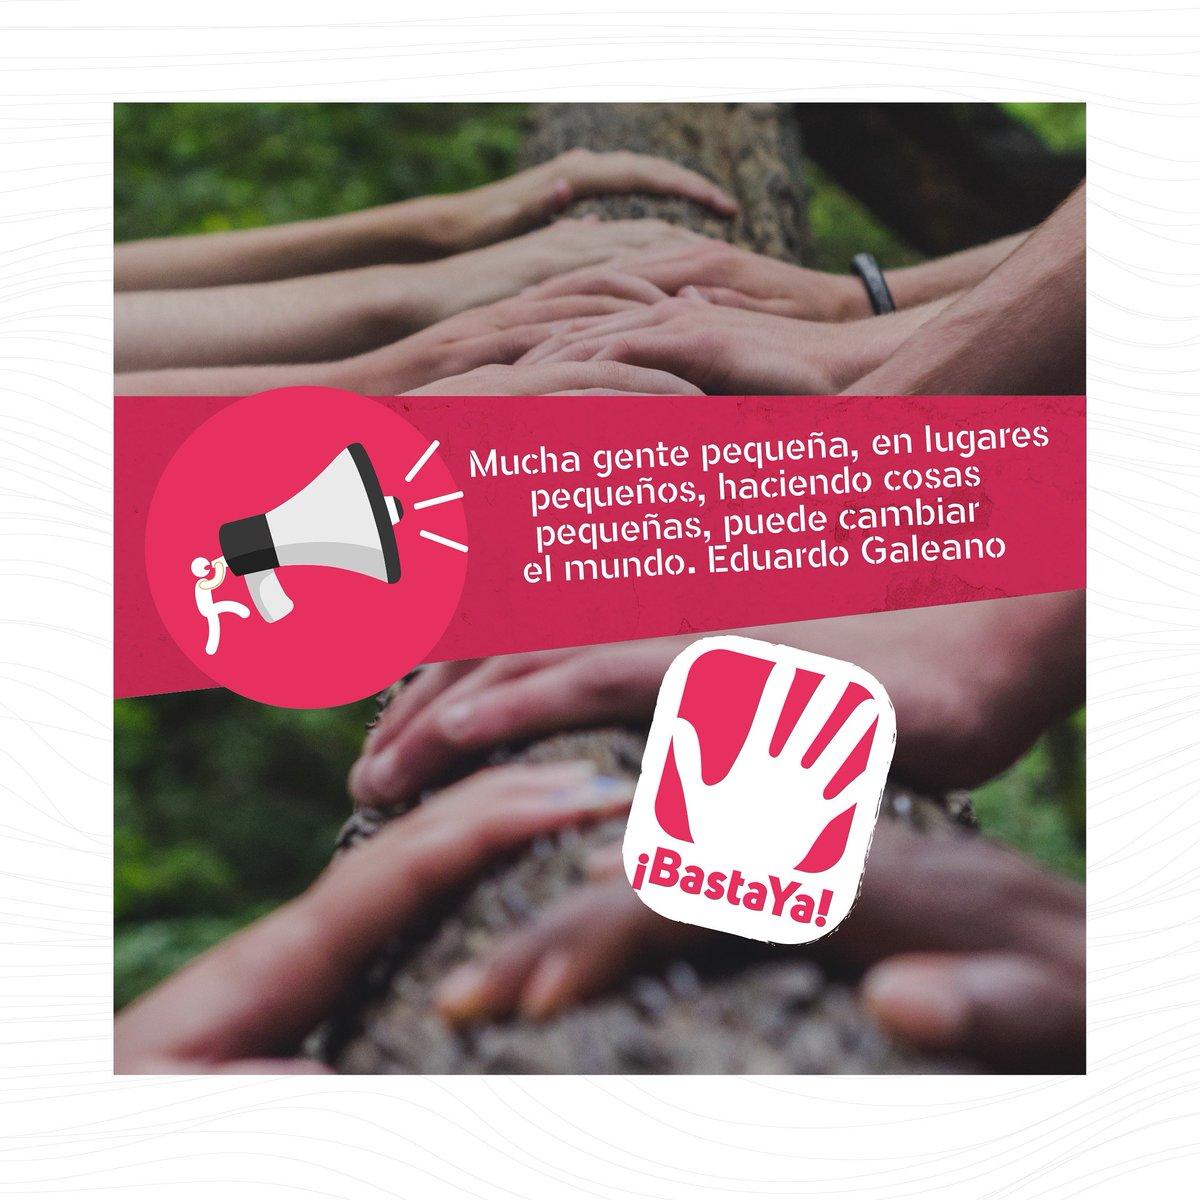 Si desde tu posición puedes hacer algo para mejorar la angustiante situación que muchos viven por la emergencia actual, ¡no lo dudes! #LaUniónHaceLaFuerza 🙌🏻✊🏽  #SOSChocó #SOSSanAndrés #SOSProvidencia #SOSSantaCatalina #SOSCartagena #HuracanIota #Iota #IotaColombia #OlaInvernal